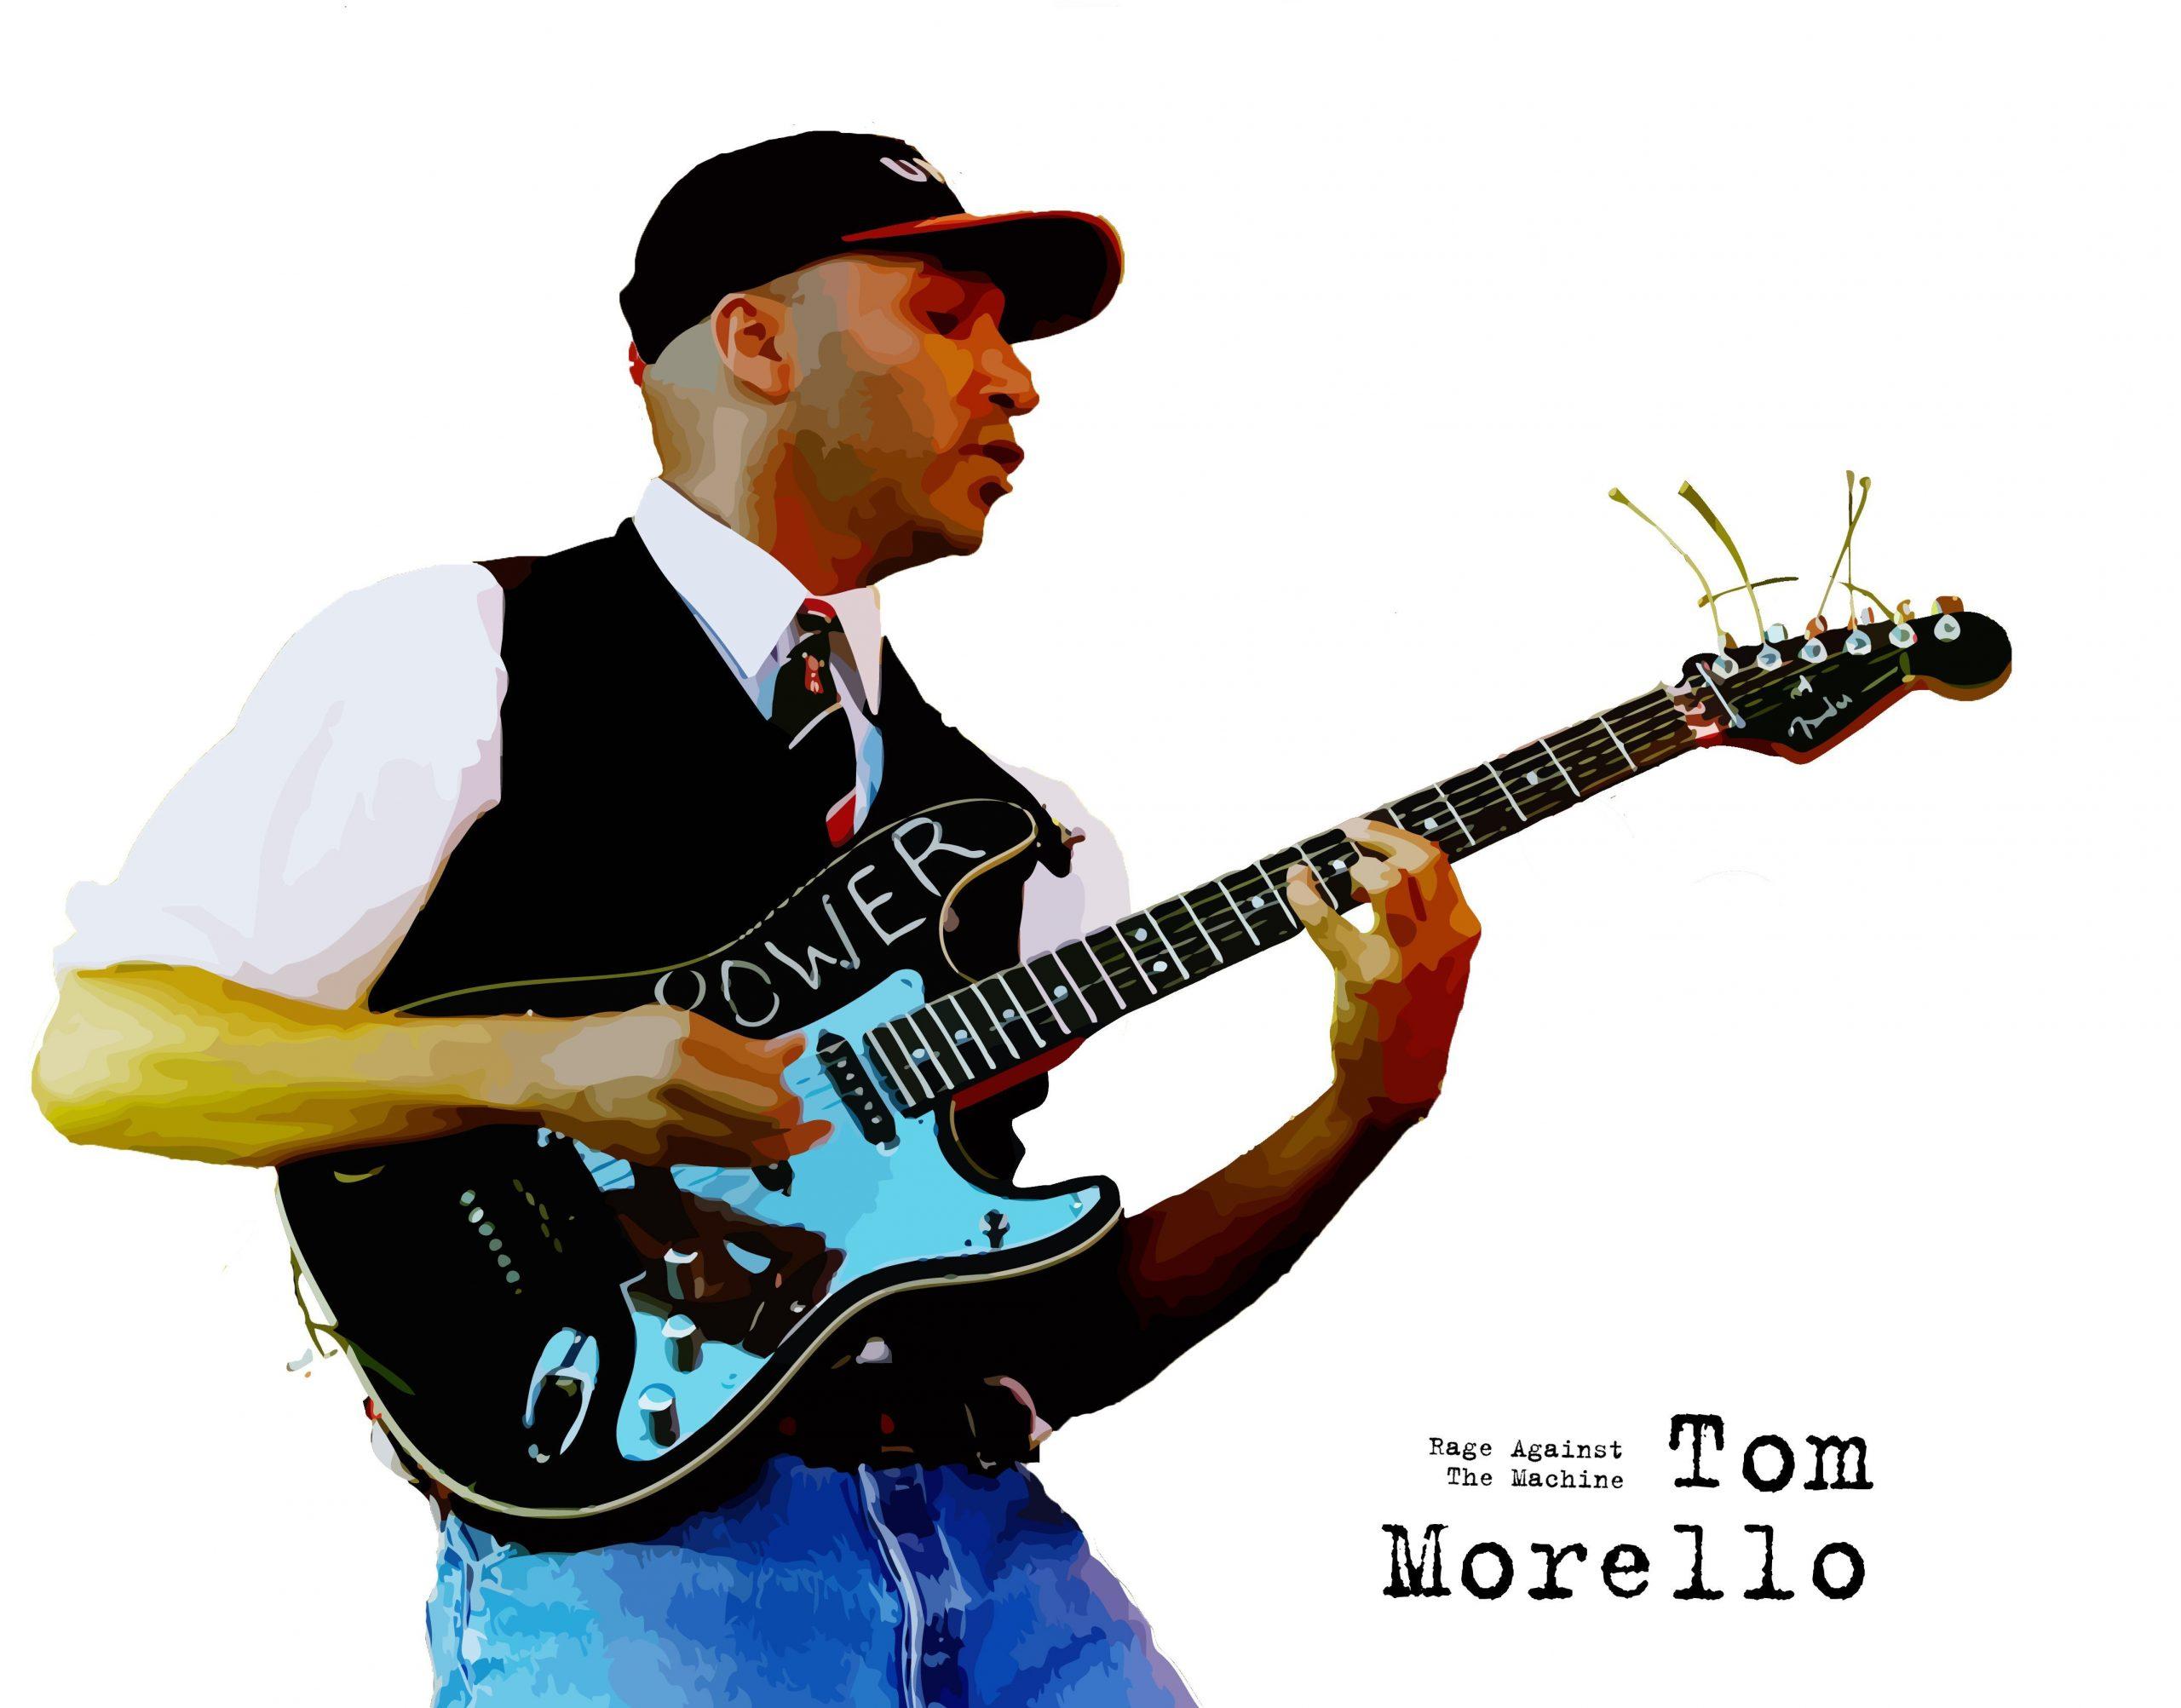 Tom Morello